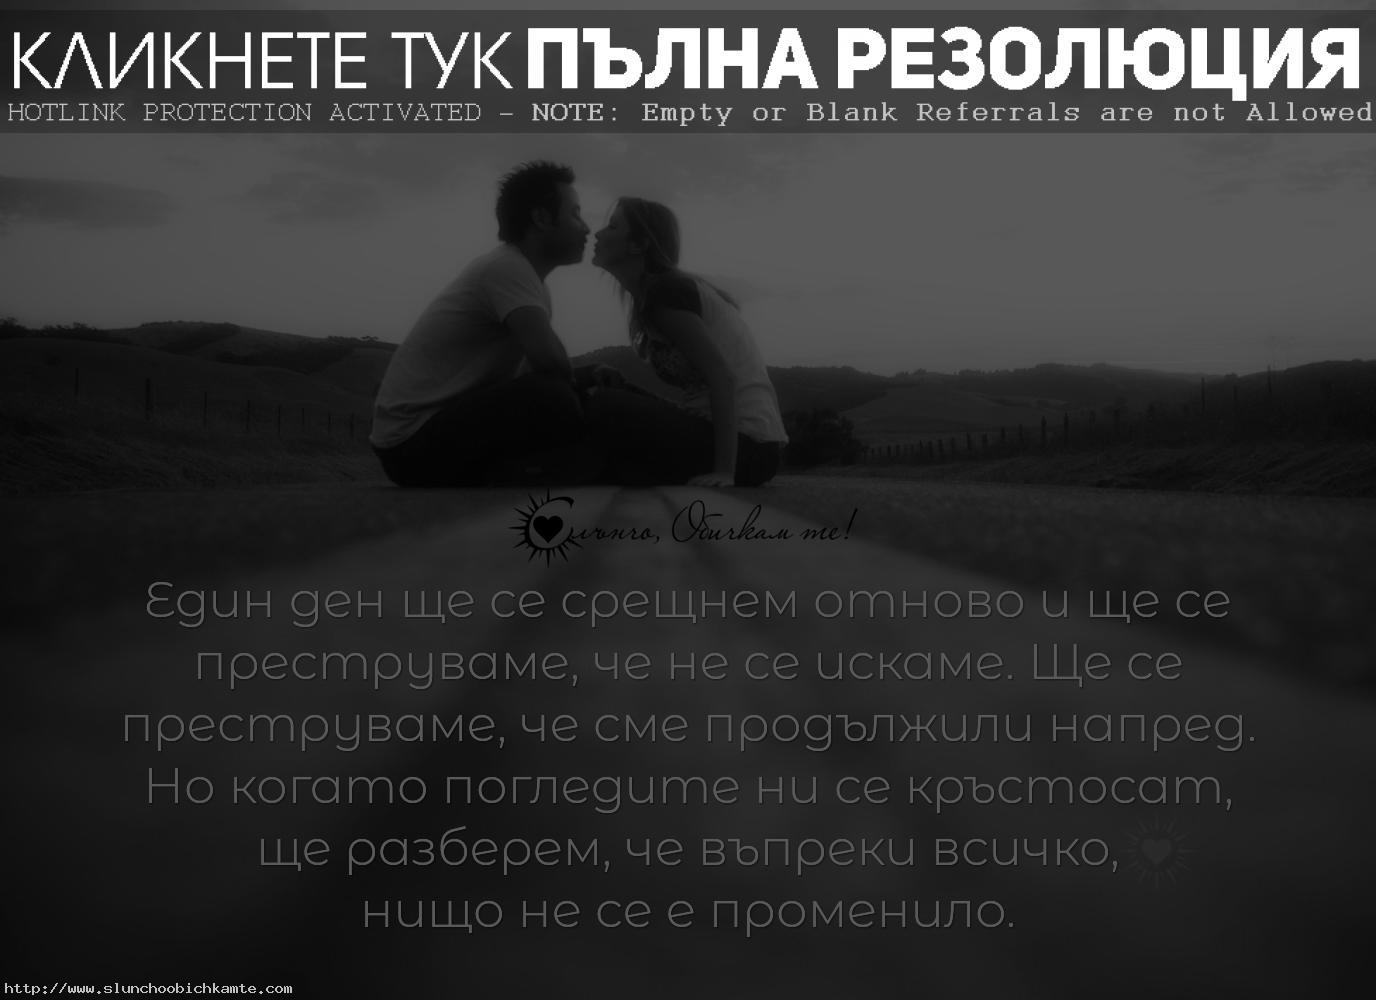 Един ден ще се срещнем отново и ще се преструваме, че не се искаме. Ще се преструваме, че сме продължили напред. Но когато погледите ни се кръстосат ще разберем, че въпреки всичко, нищо не се е променило. - Любов, любовни мисли, обичам те, липсваш ми, любовни фрази, любовни цитати, несподелена любов, раздяла, любовни цитати, невъзможна любов, слънчо обичкам те